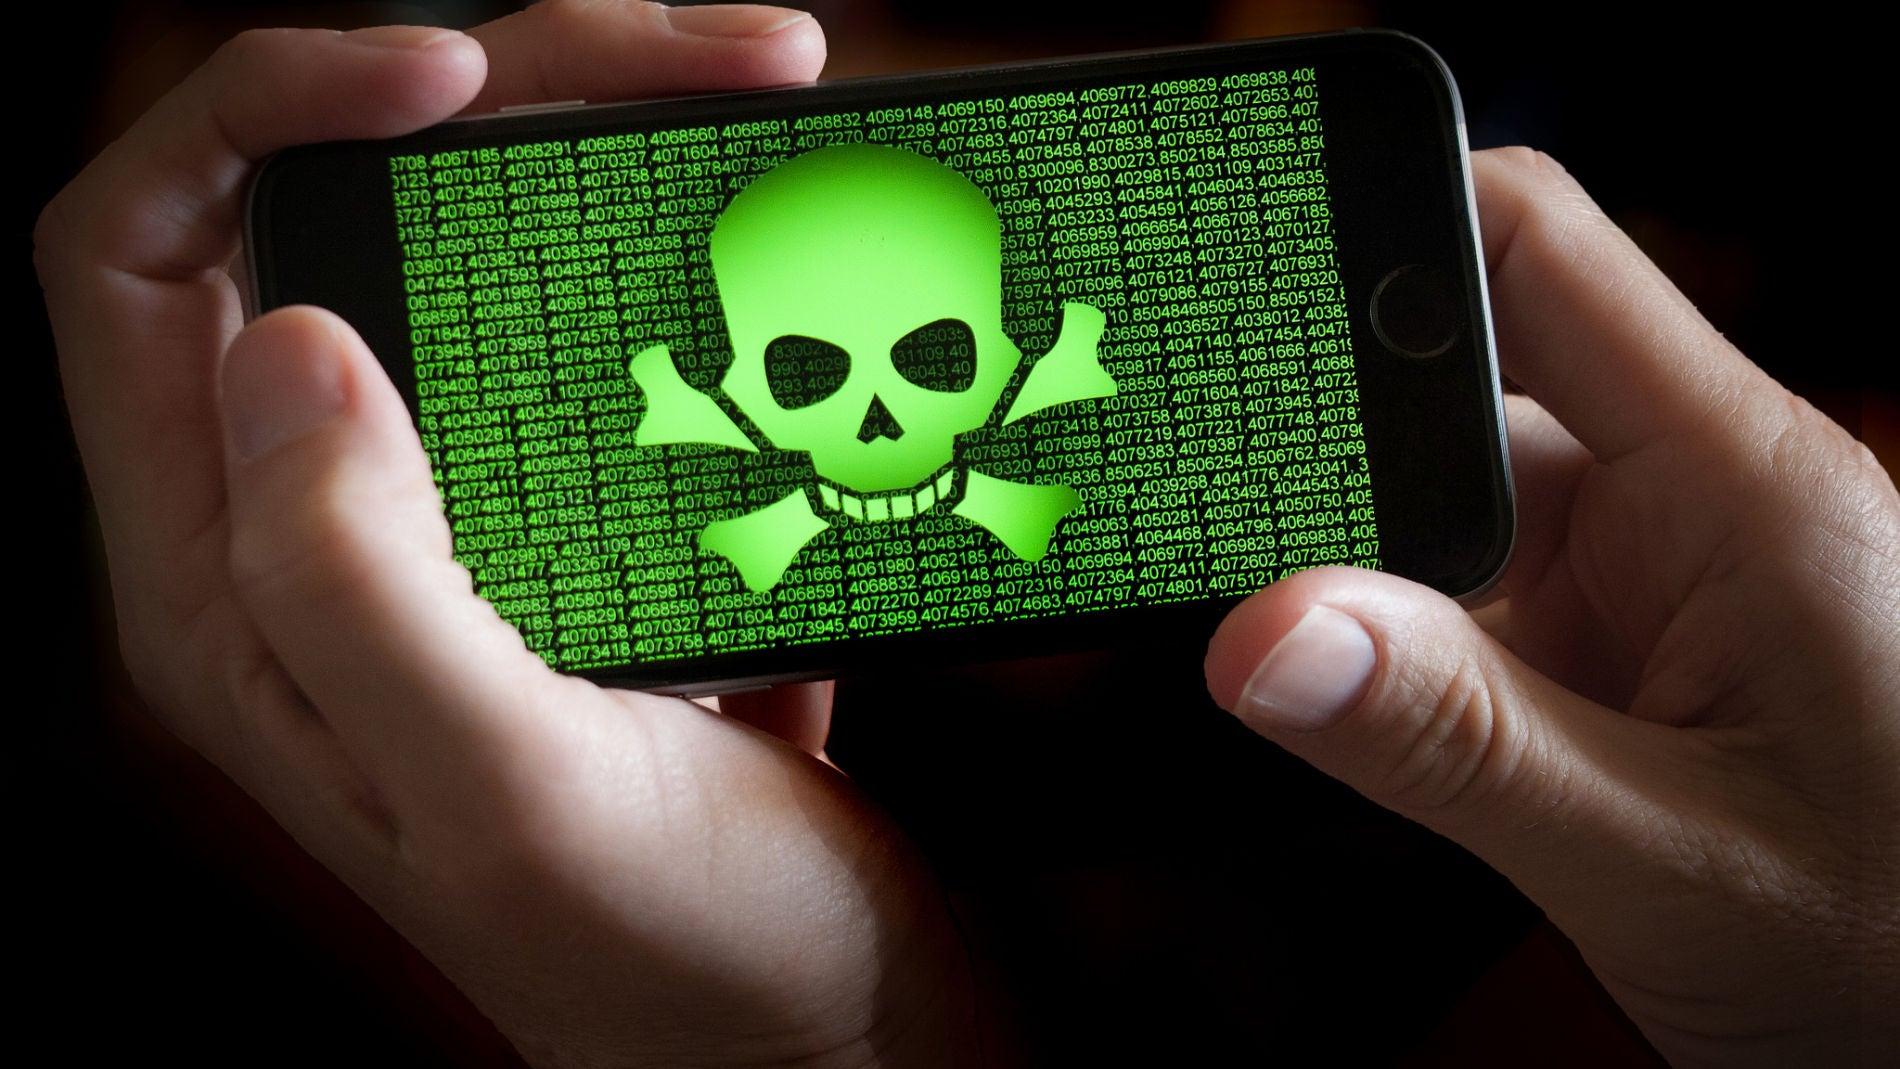 ¡Ojo! Aumentan las apps piratas con malware en Android